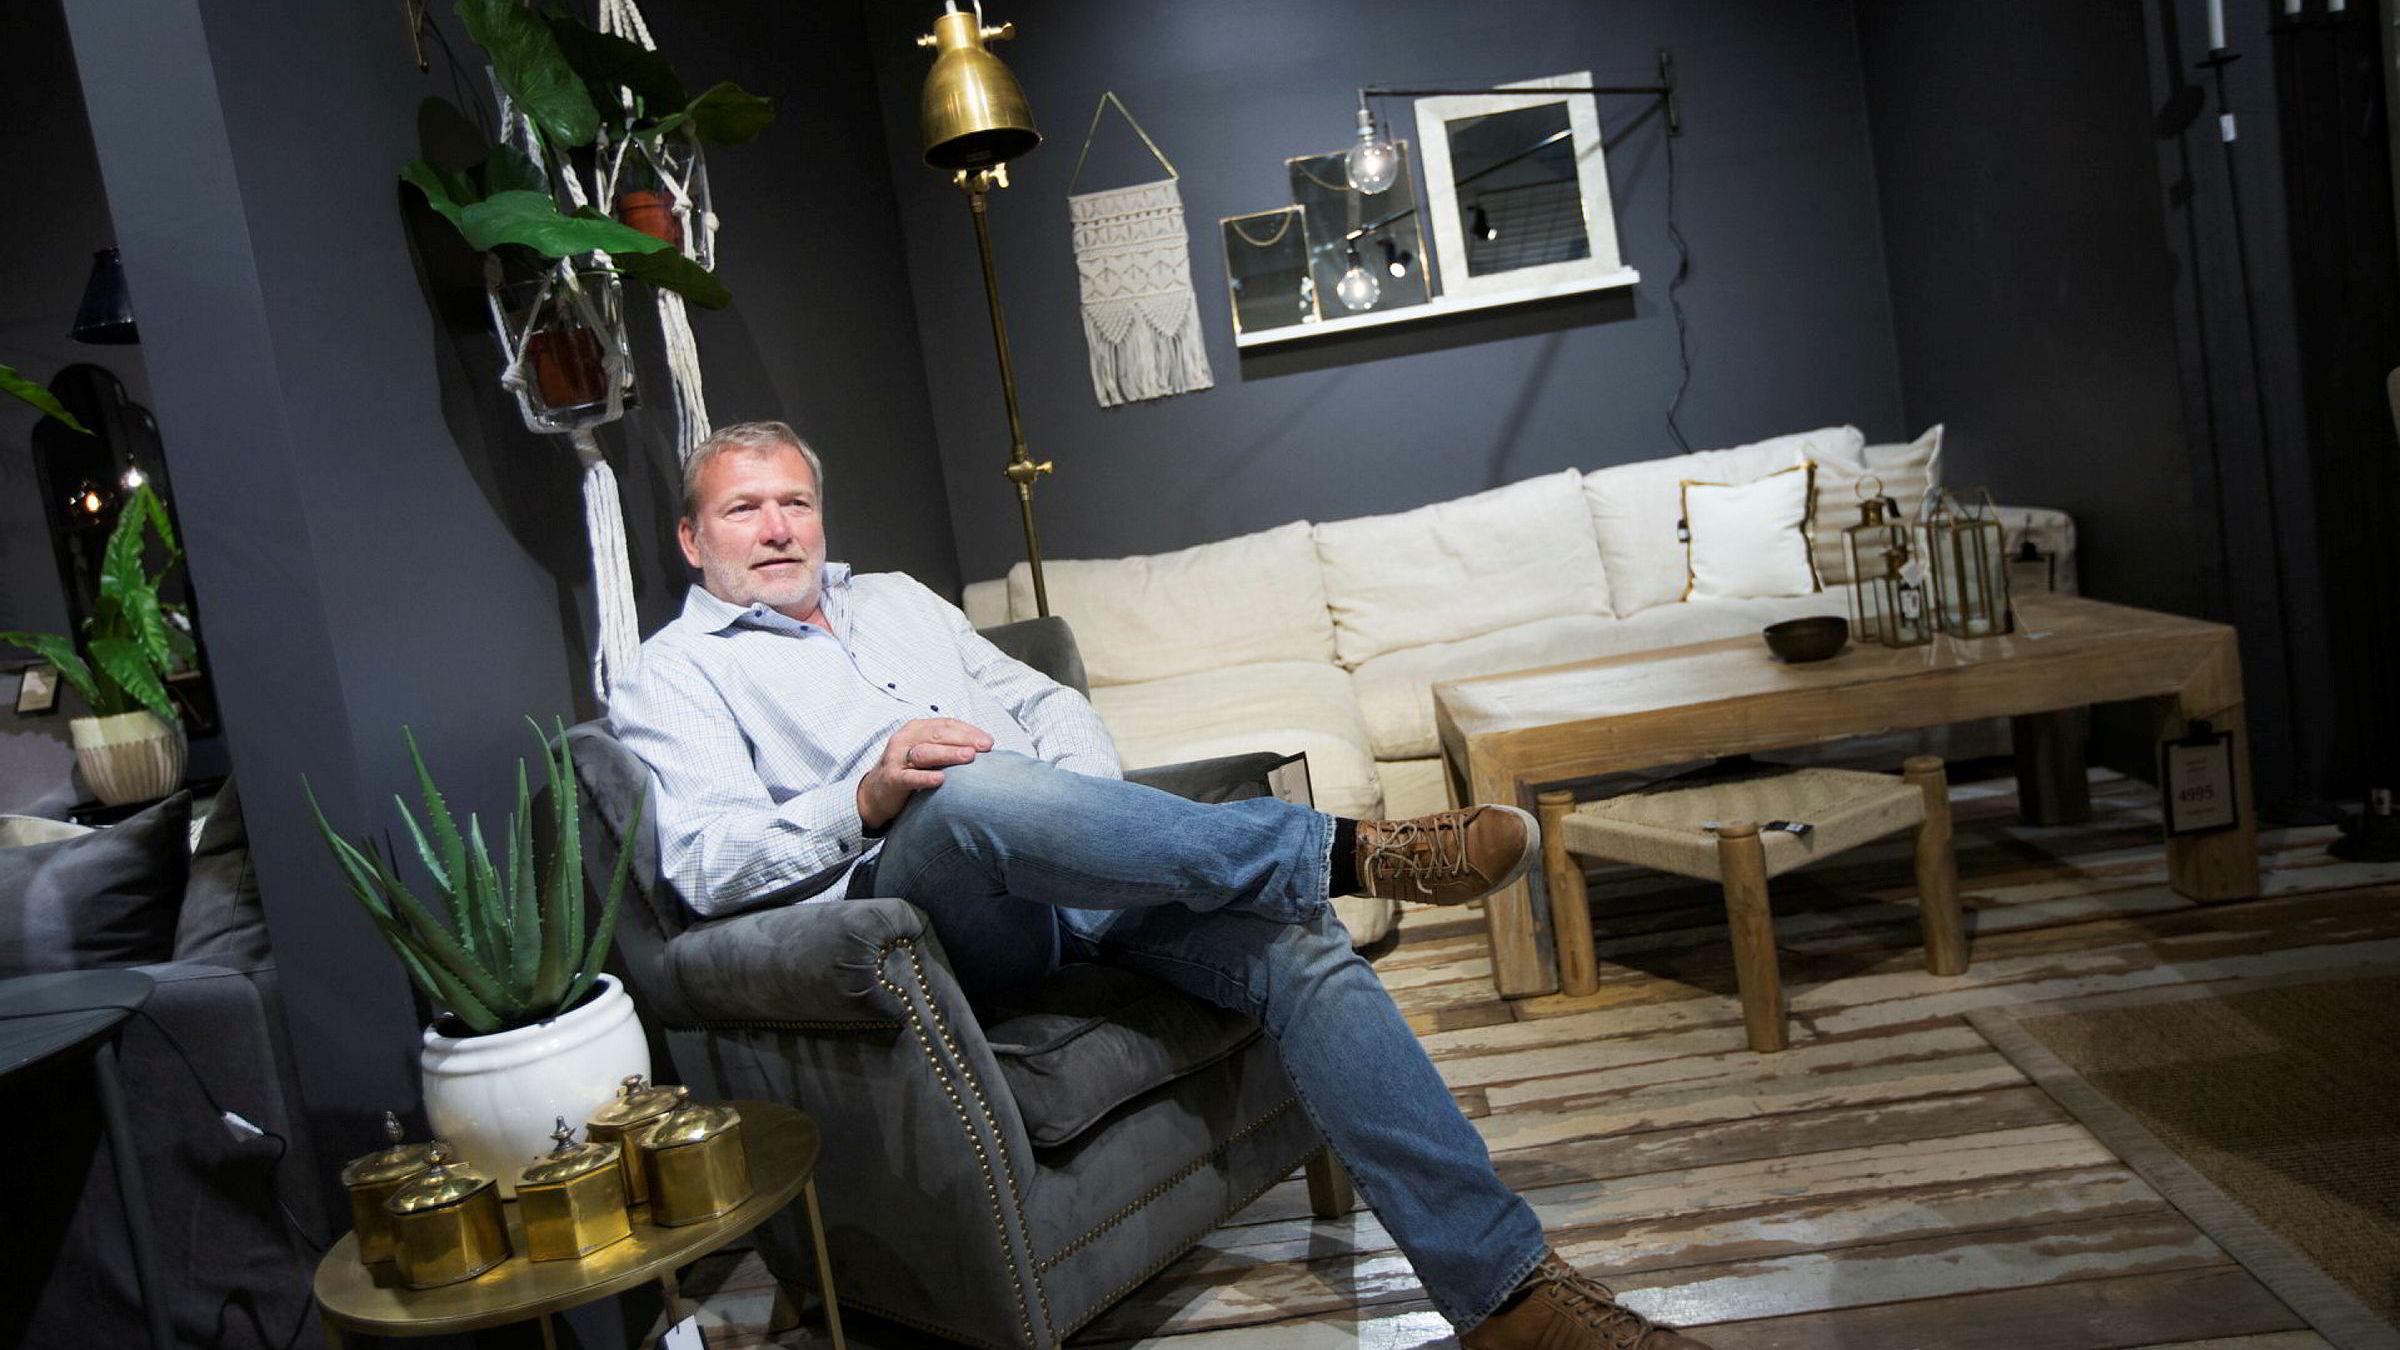 Gründer Øivind Tidemandsen har aldri gått med overskudd med sitt selskap Home & Cottage, men fjorårets regnskap viser at selskapet er på vei oppover. Her er Tidemandsen fotografert i Home & Cottages lokaler på CC Vest.